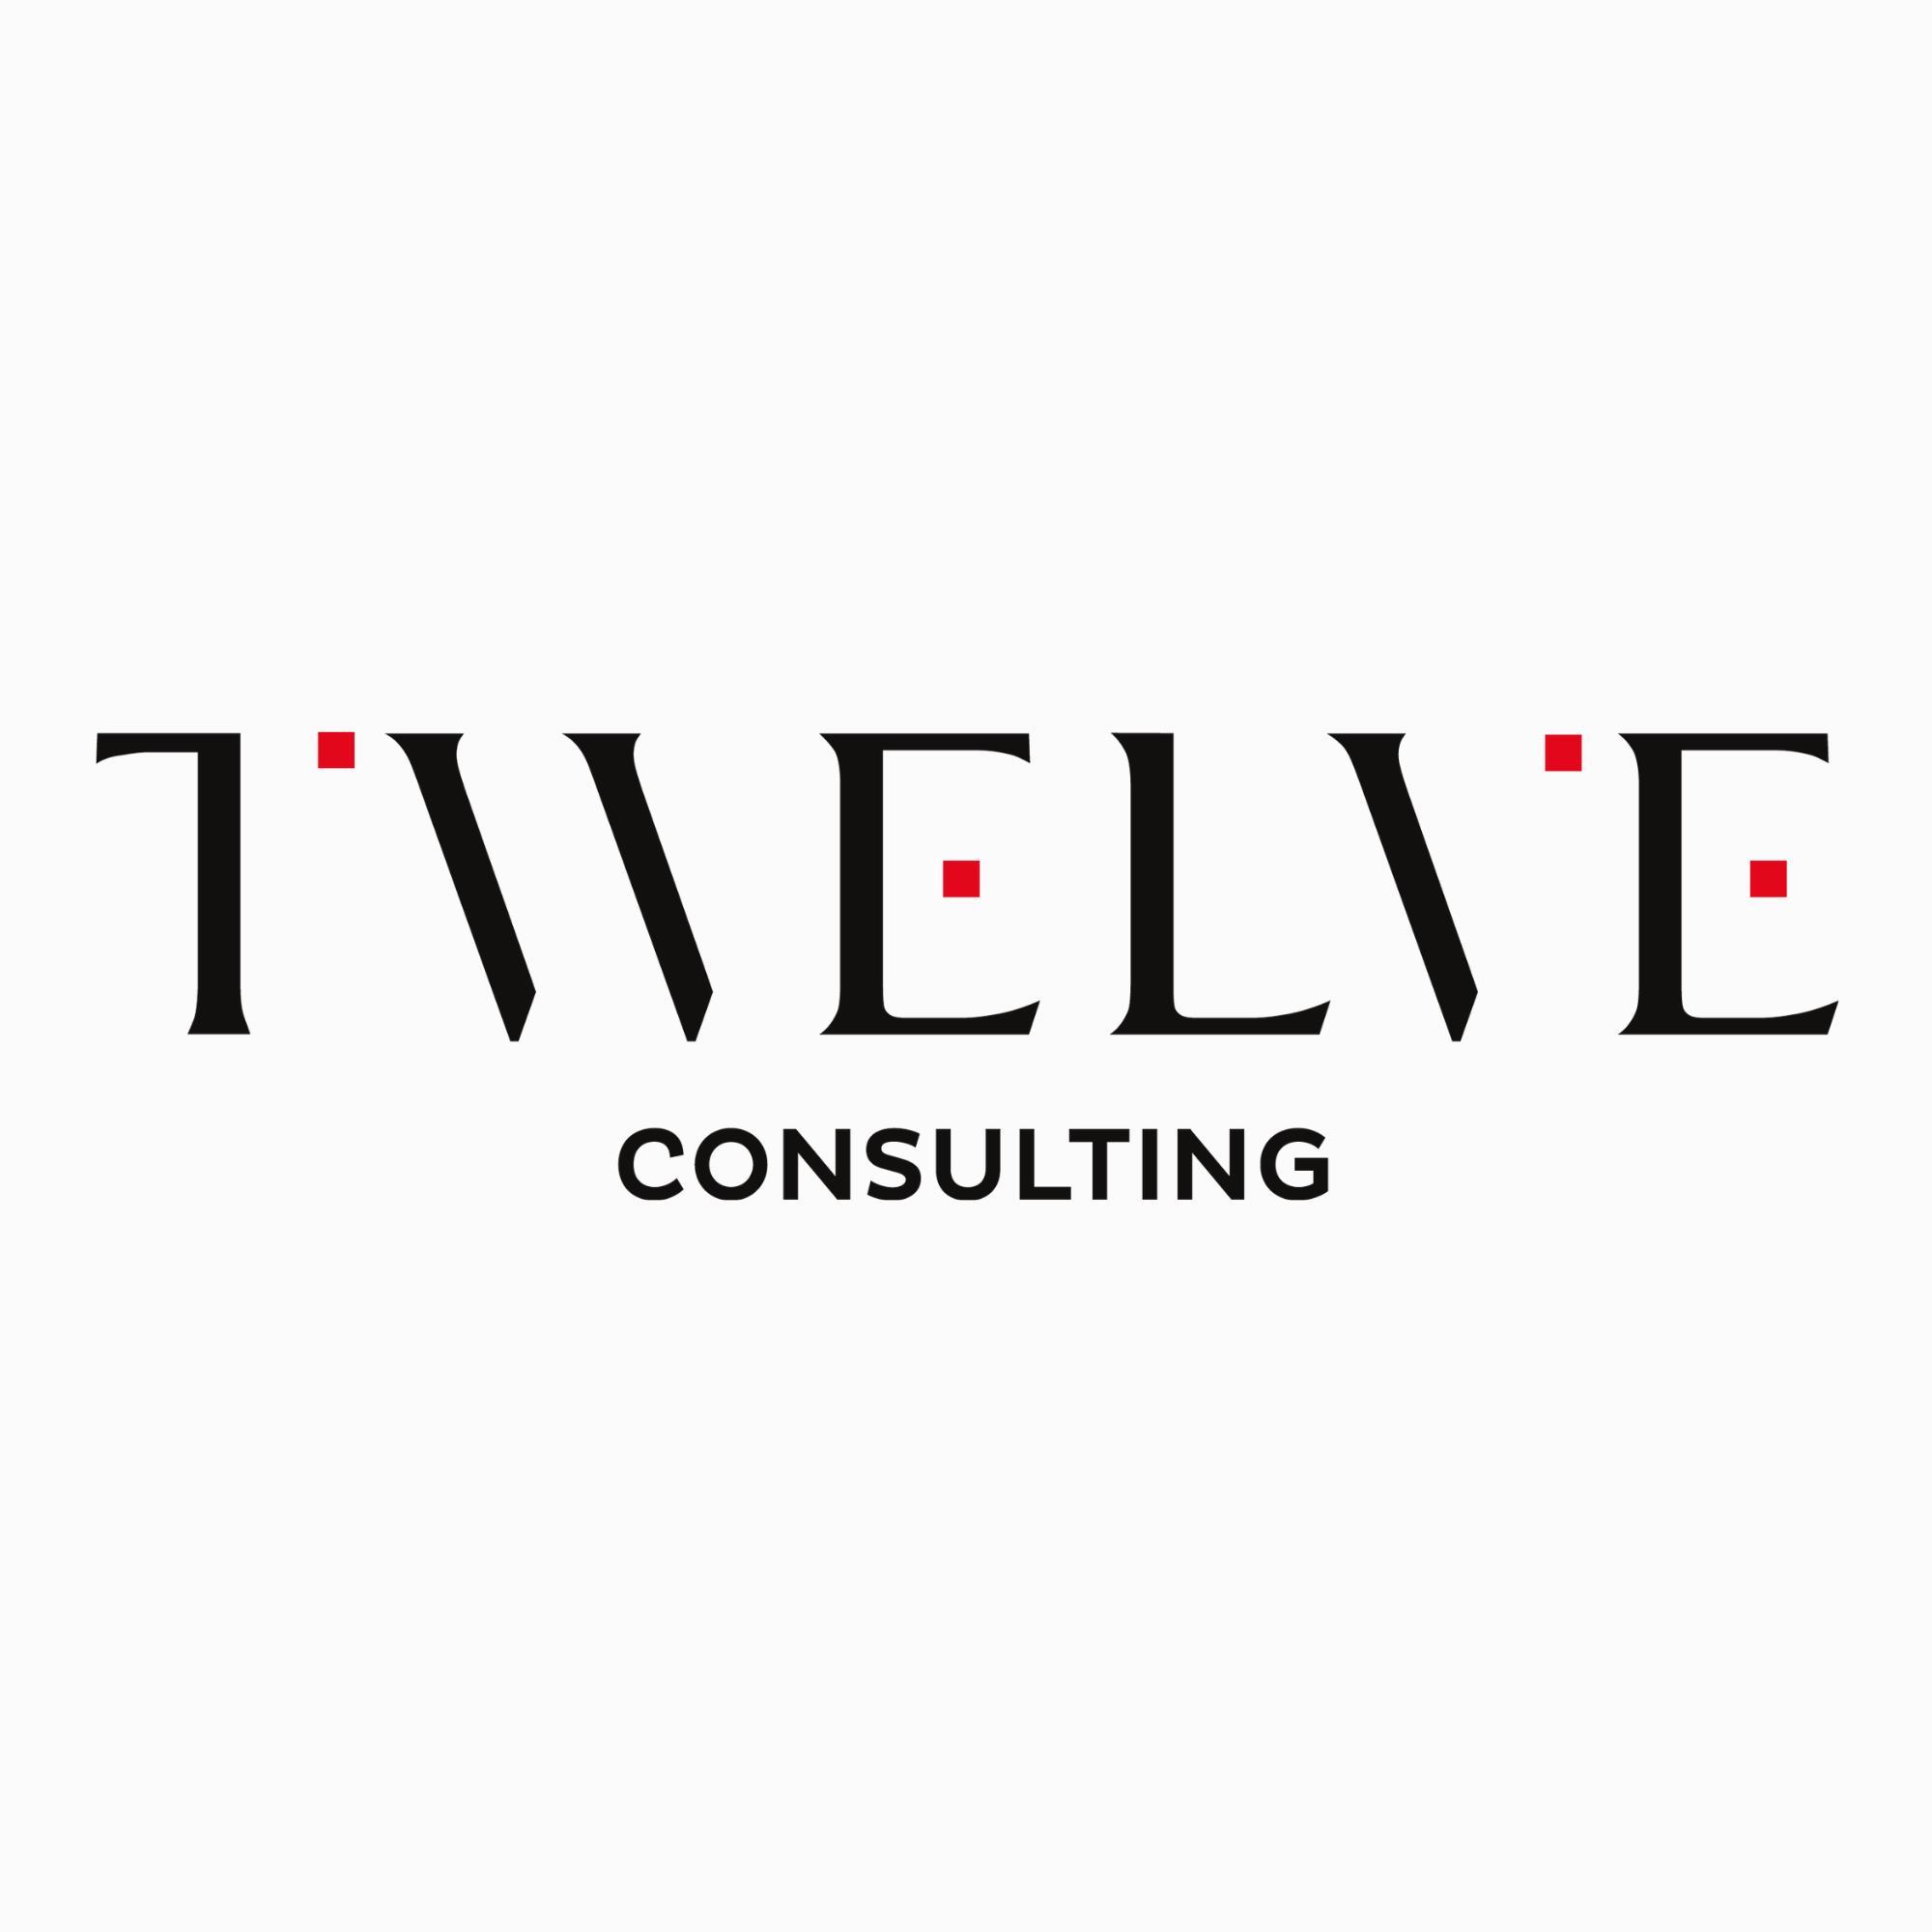 TWELVE CONSULTING